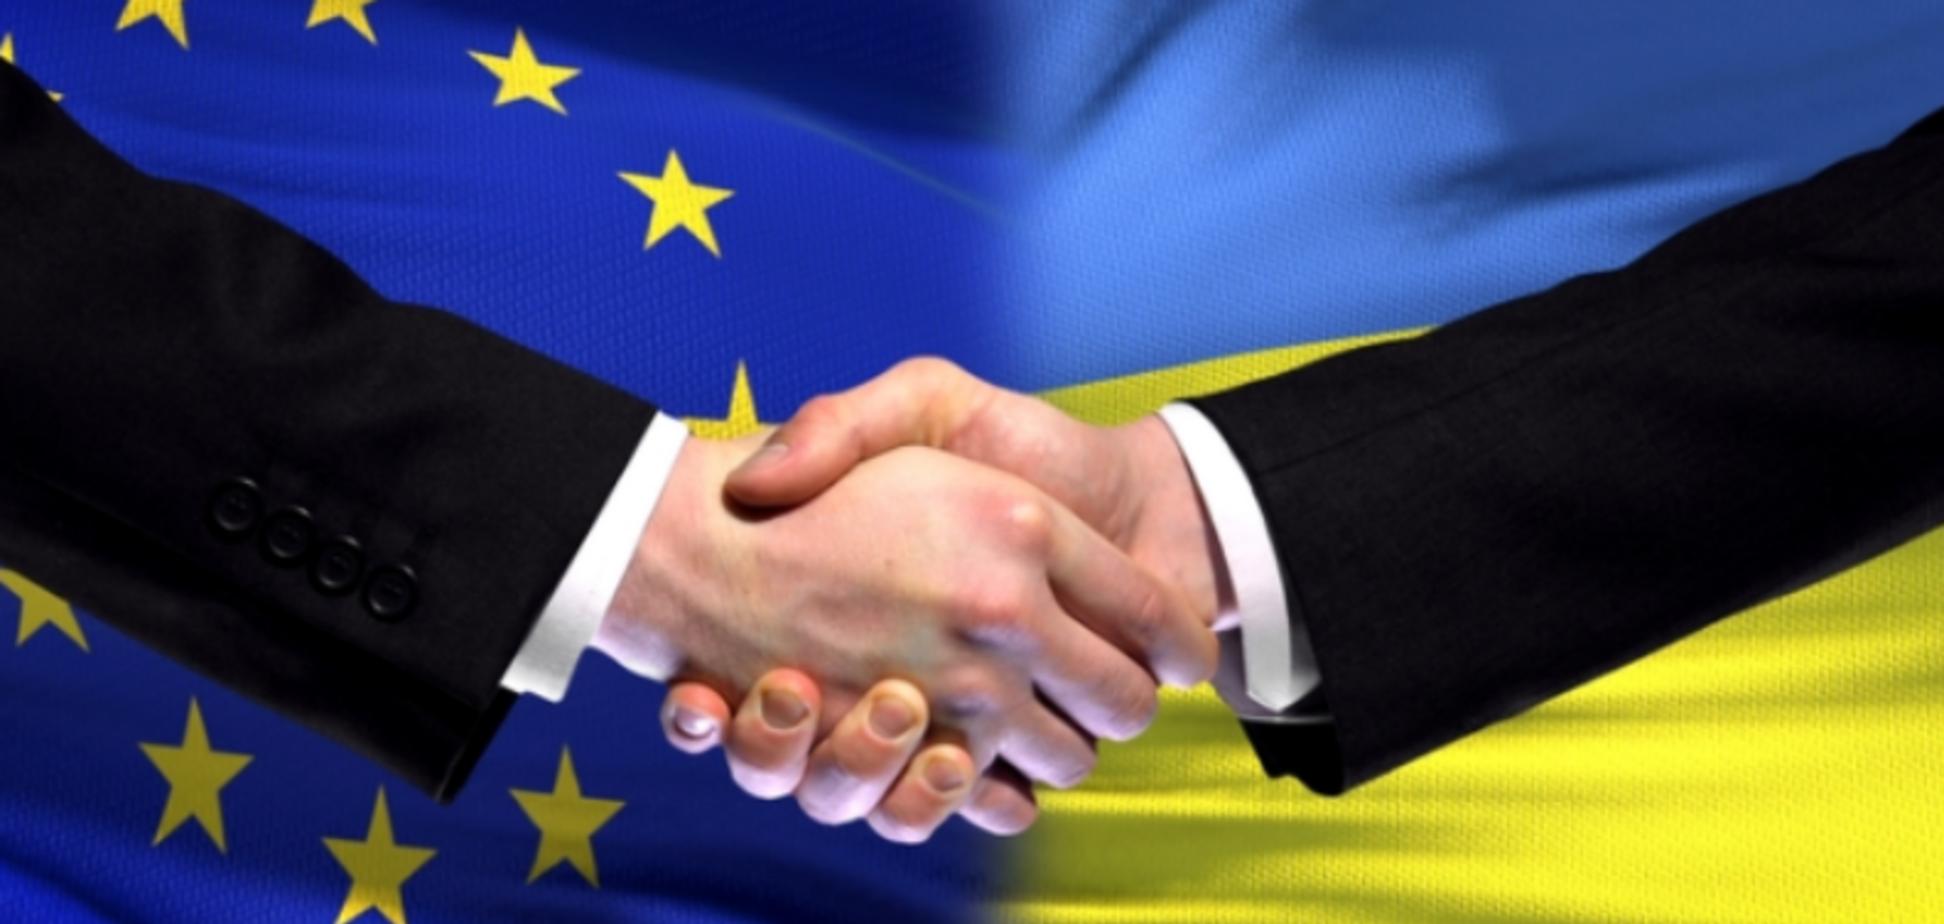 Европарламент поддержал вступление Украины в ЕС: подробности проекта